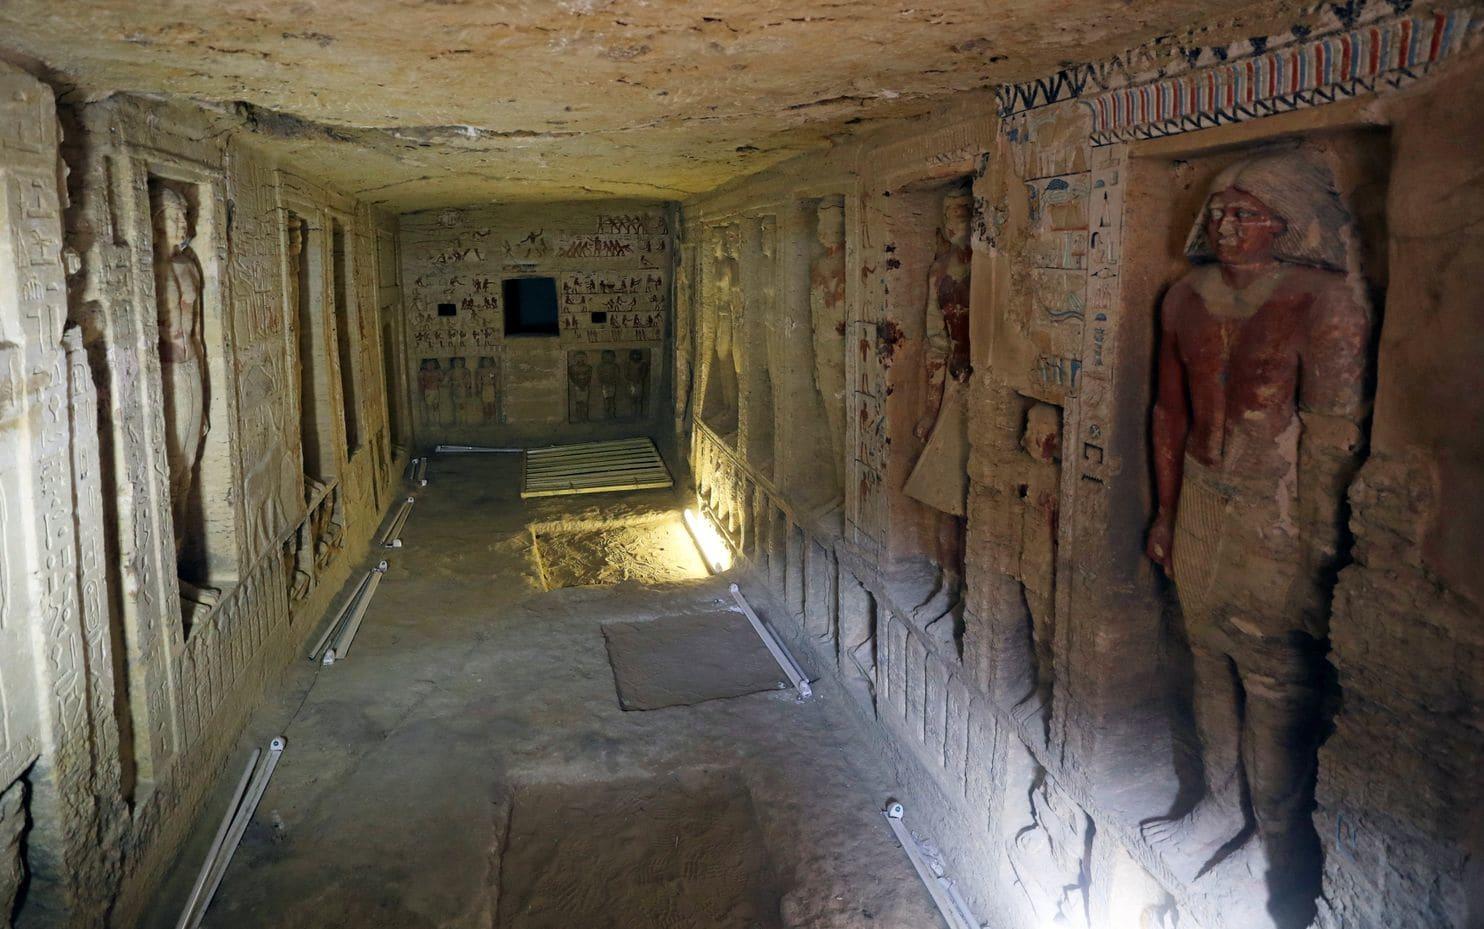 egypt 4400 mum image 5